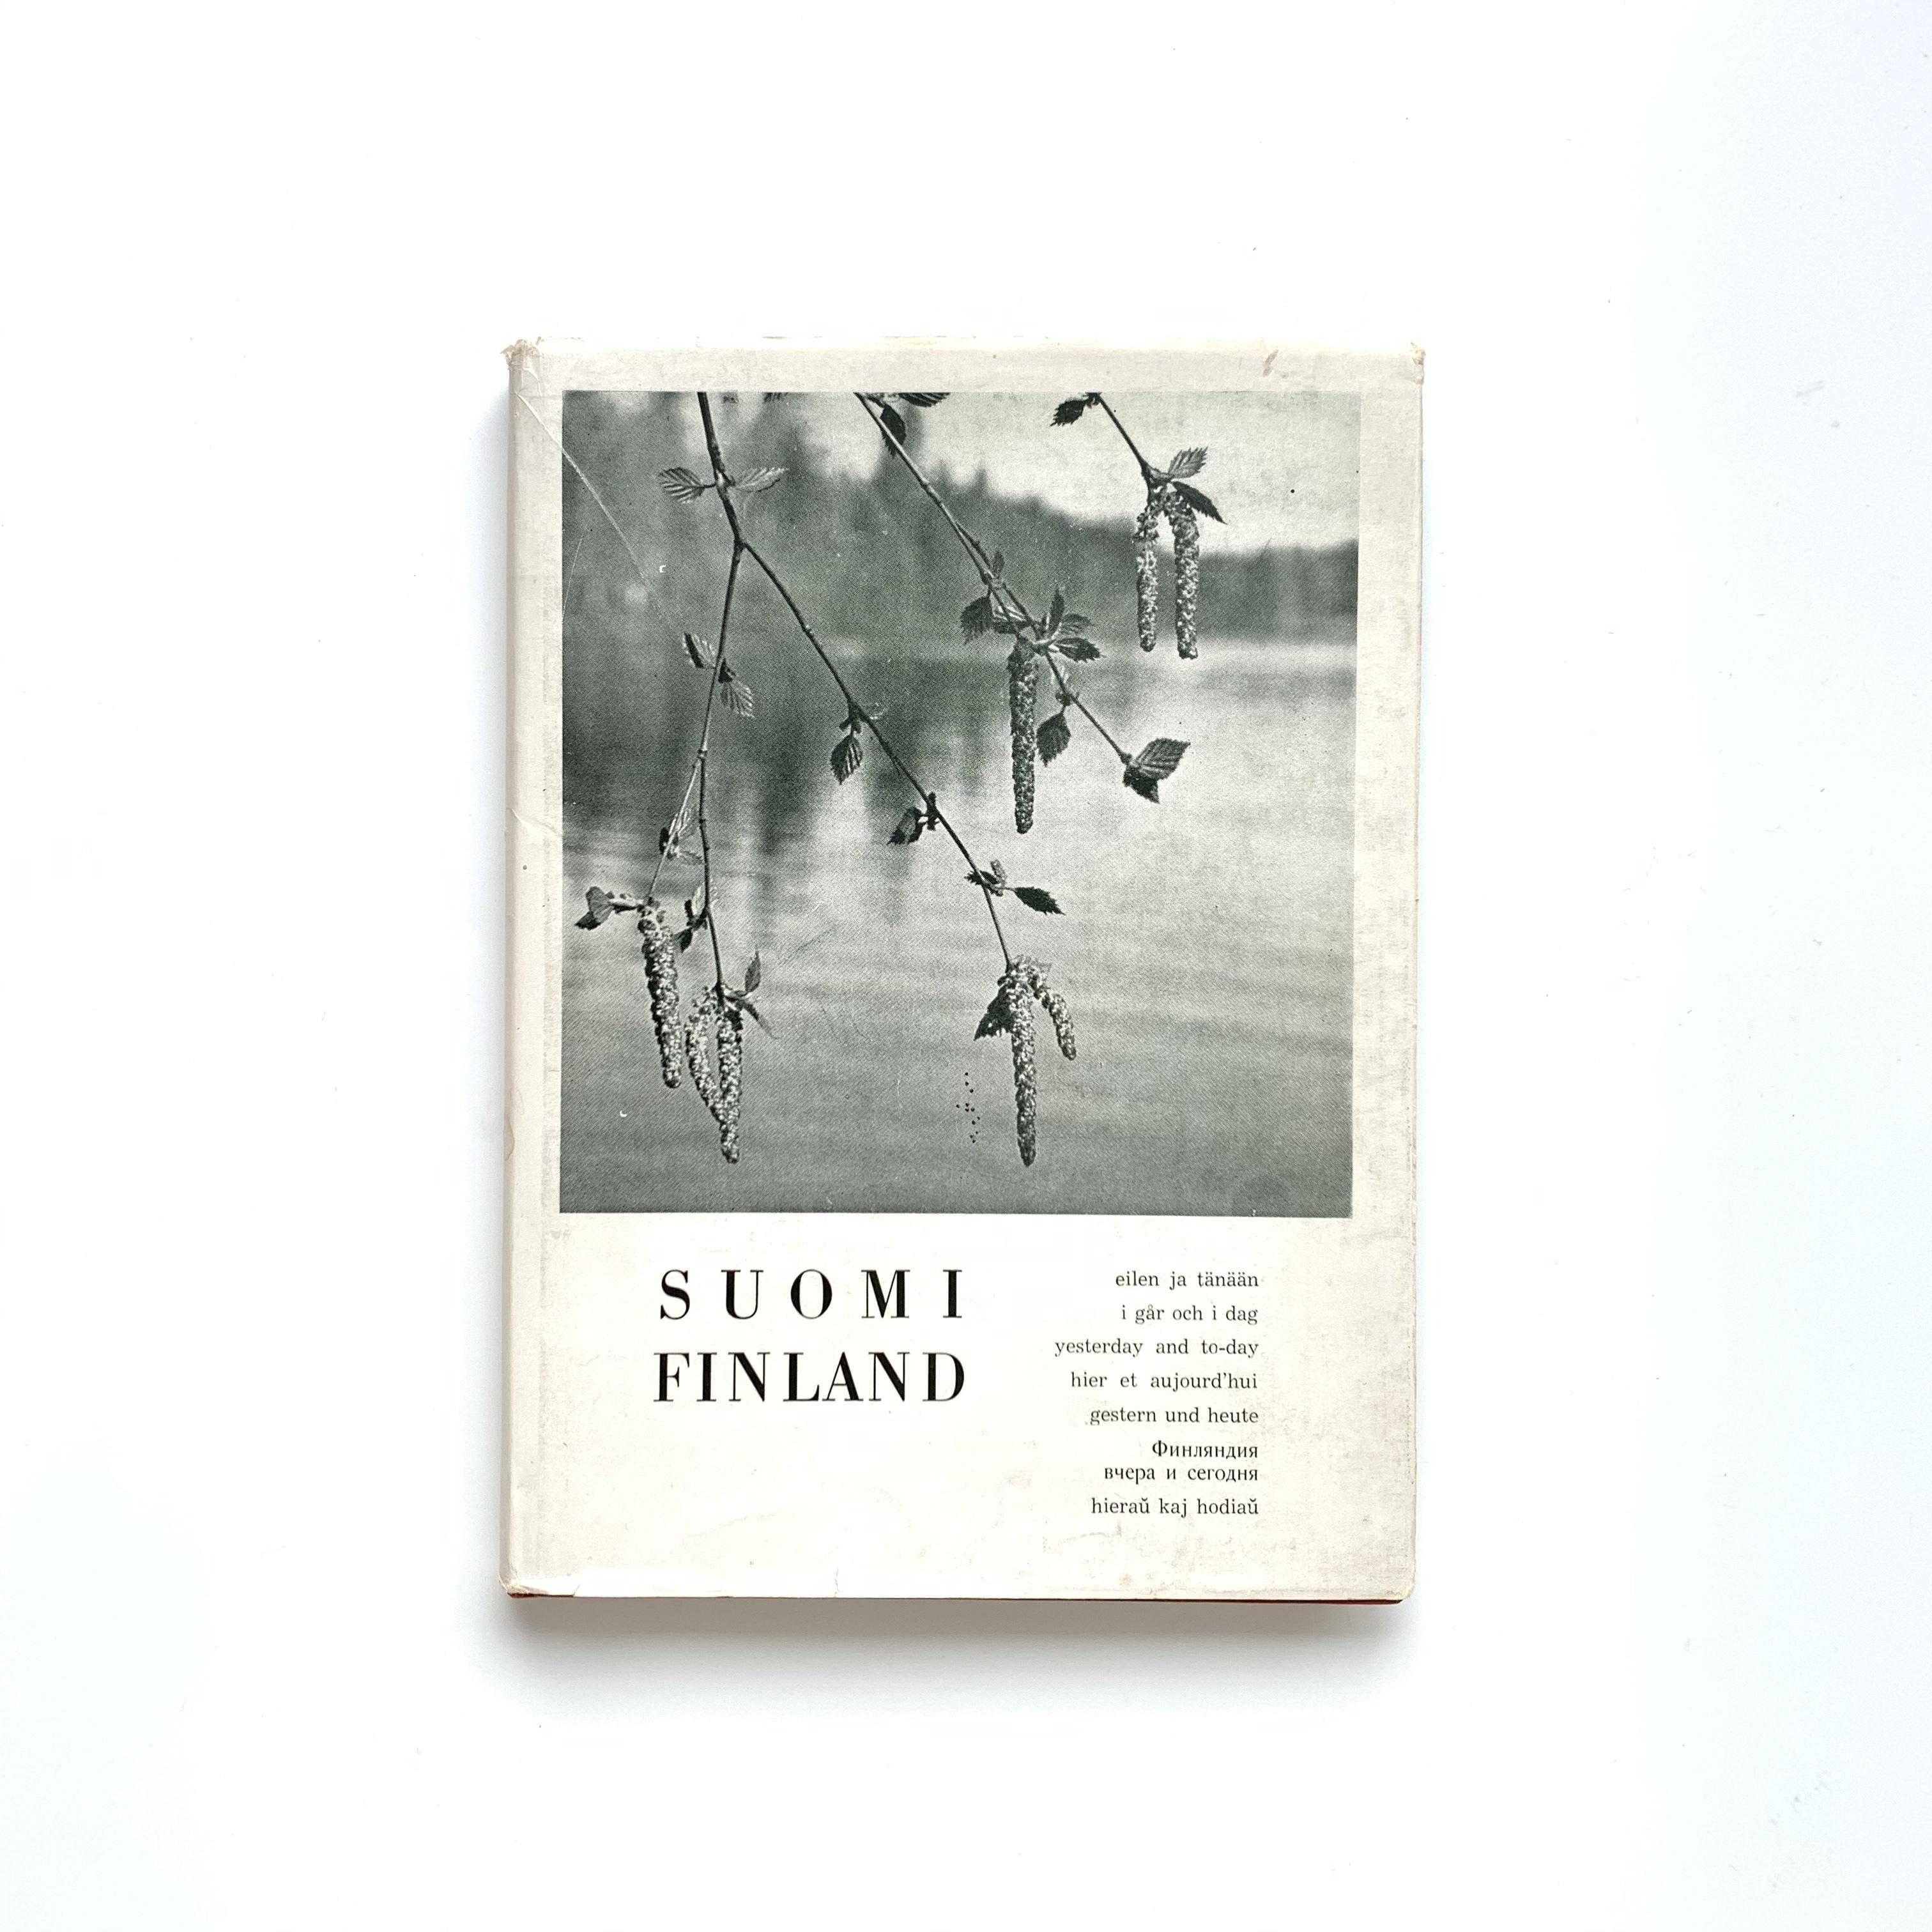 SUOMI - FINLAND / eilen ja tänään